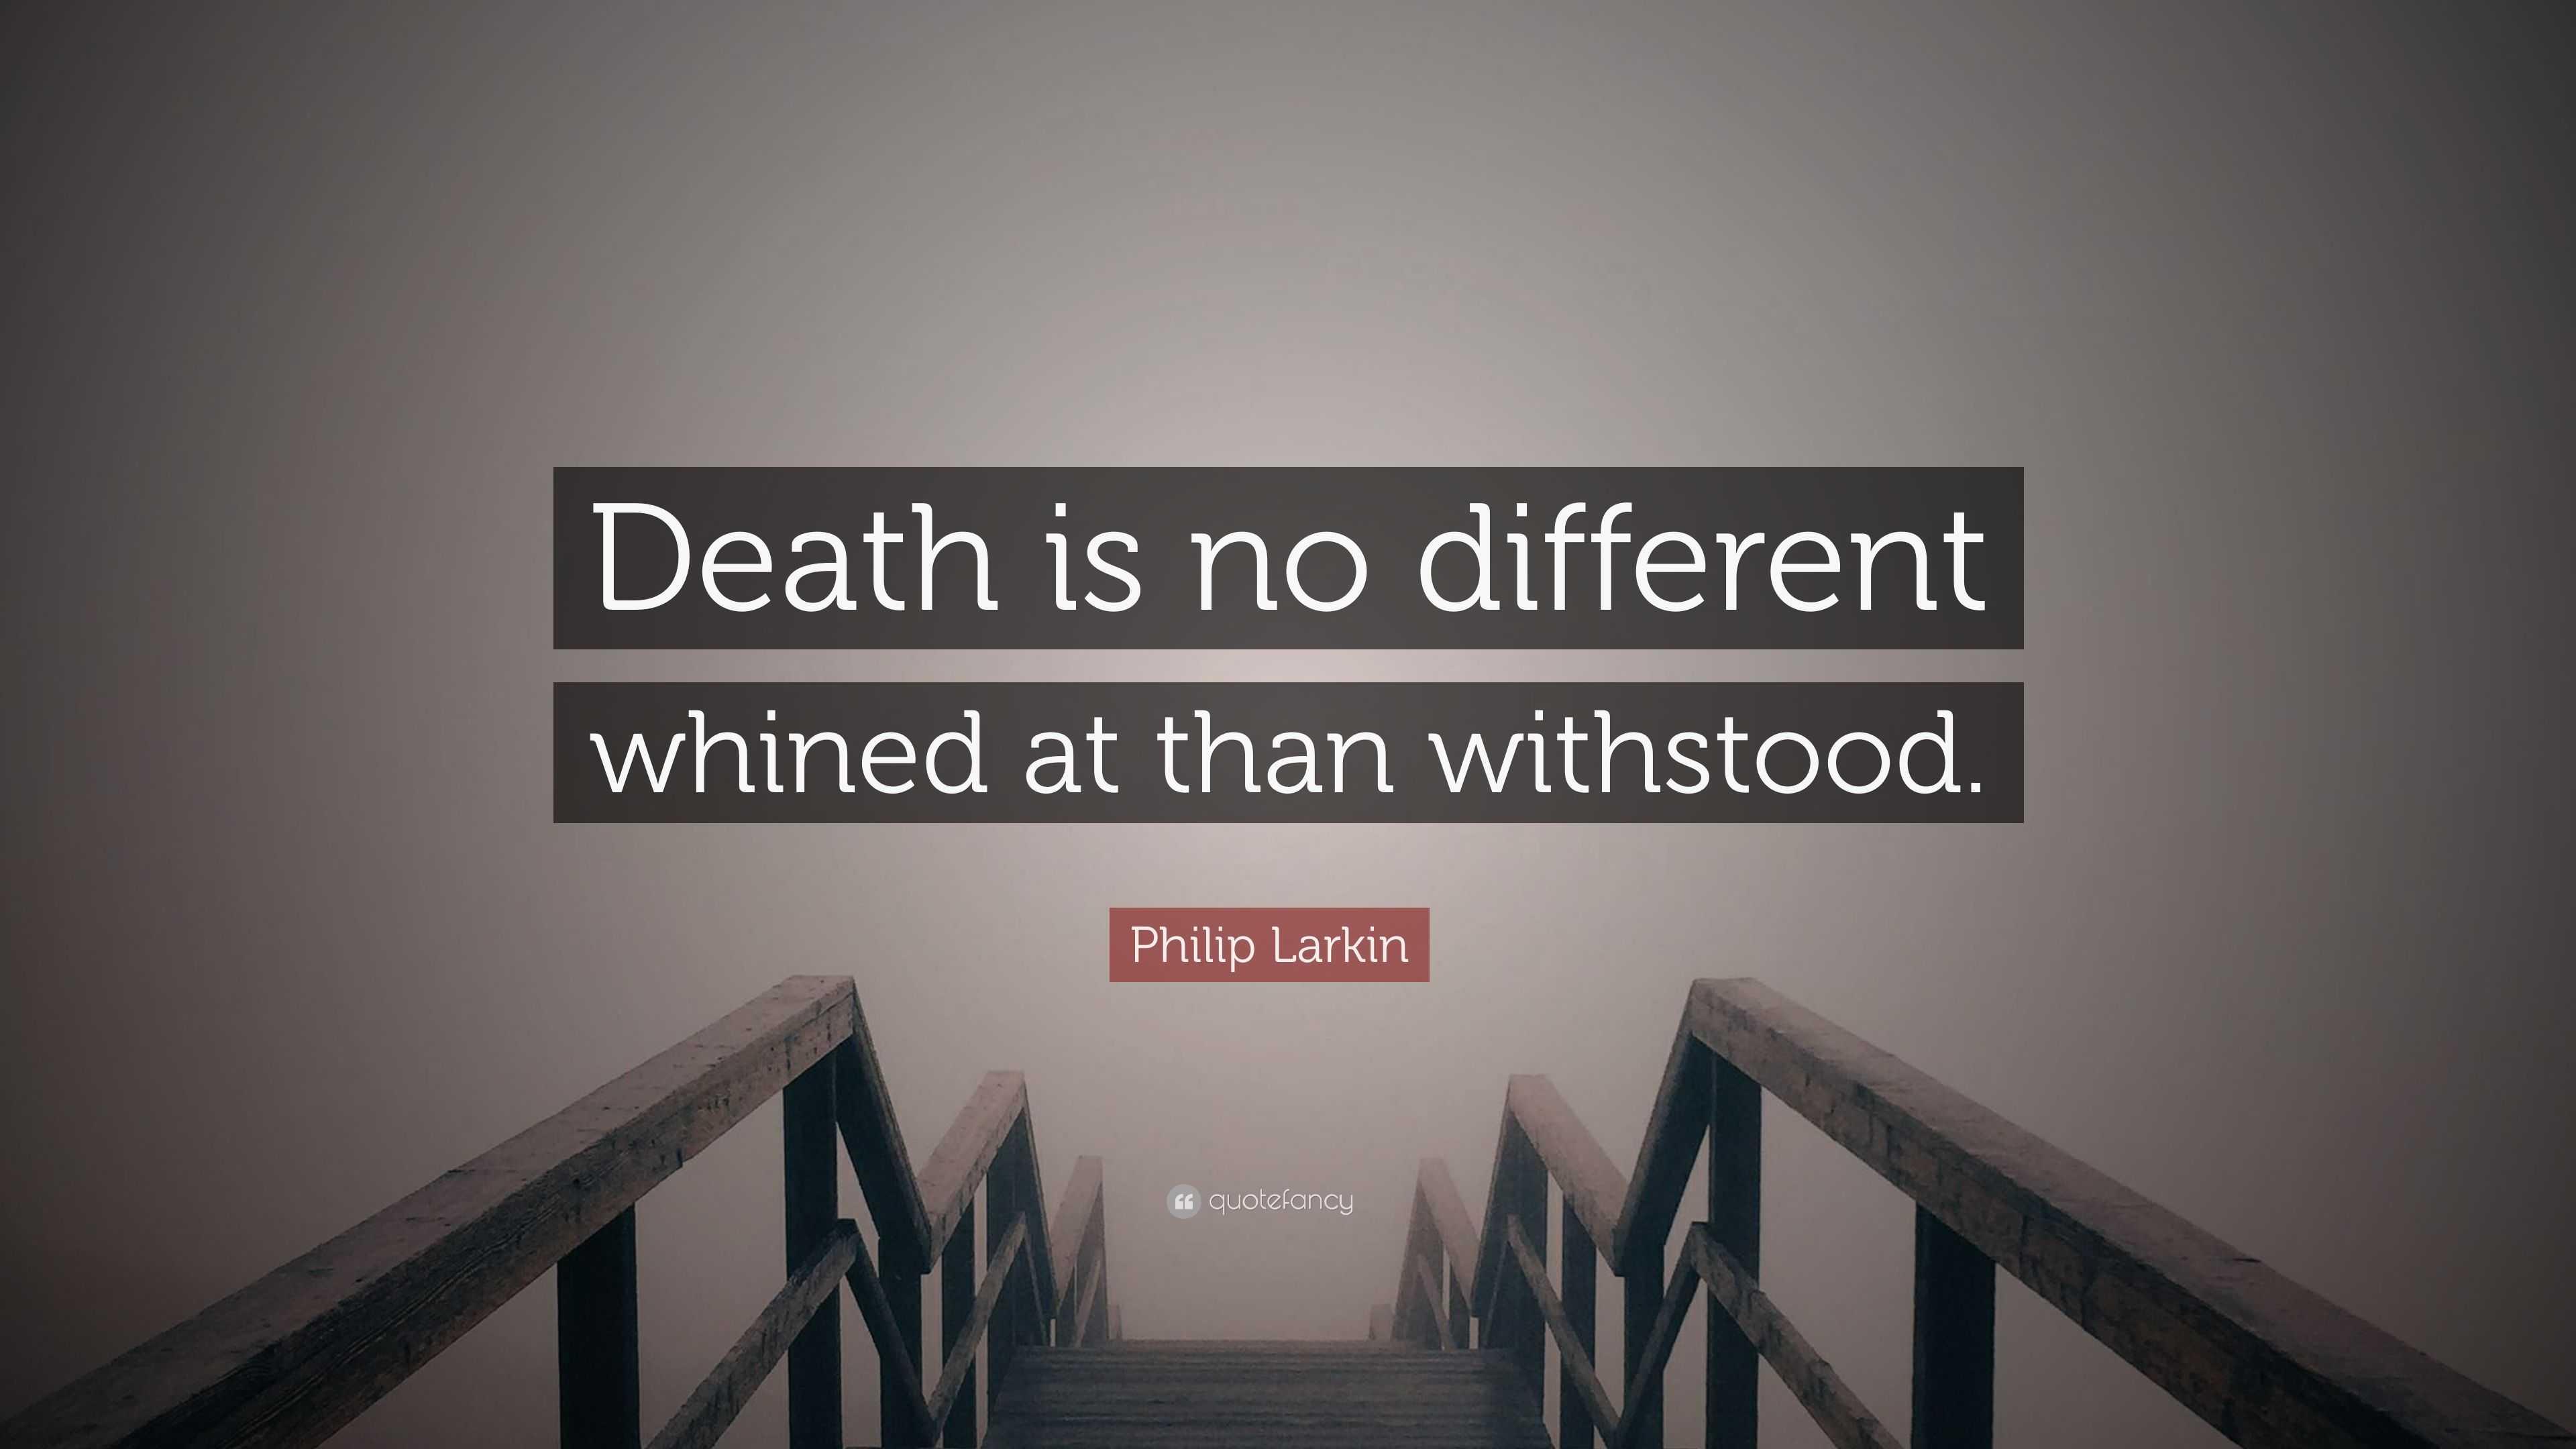 philip larkin on death